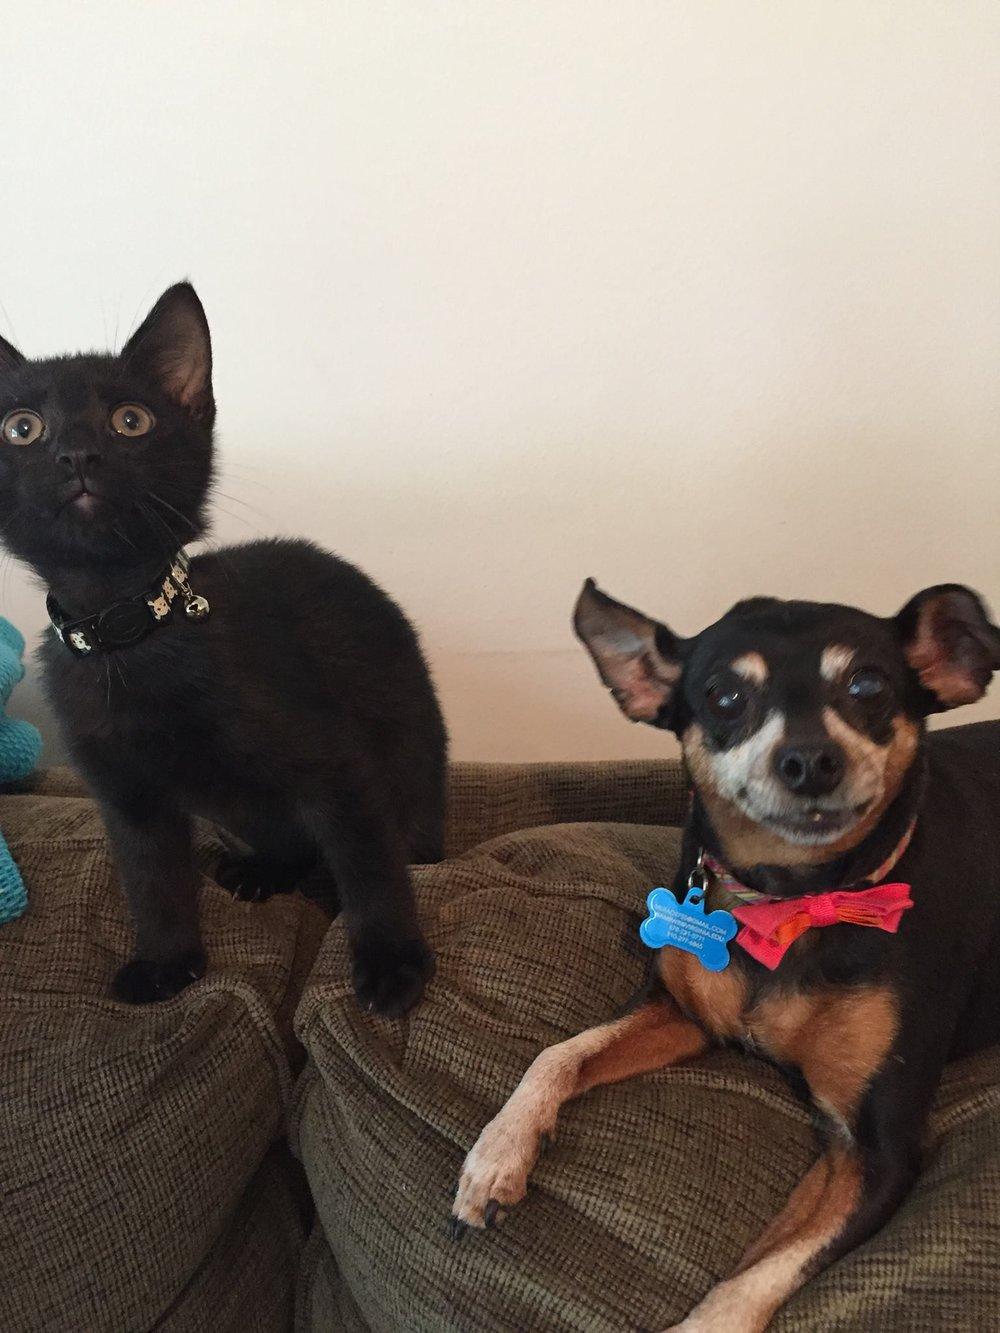 mary-veiled-reckoner-cat-dog-max-penny-2.jpg